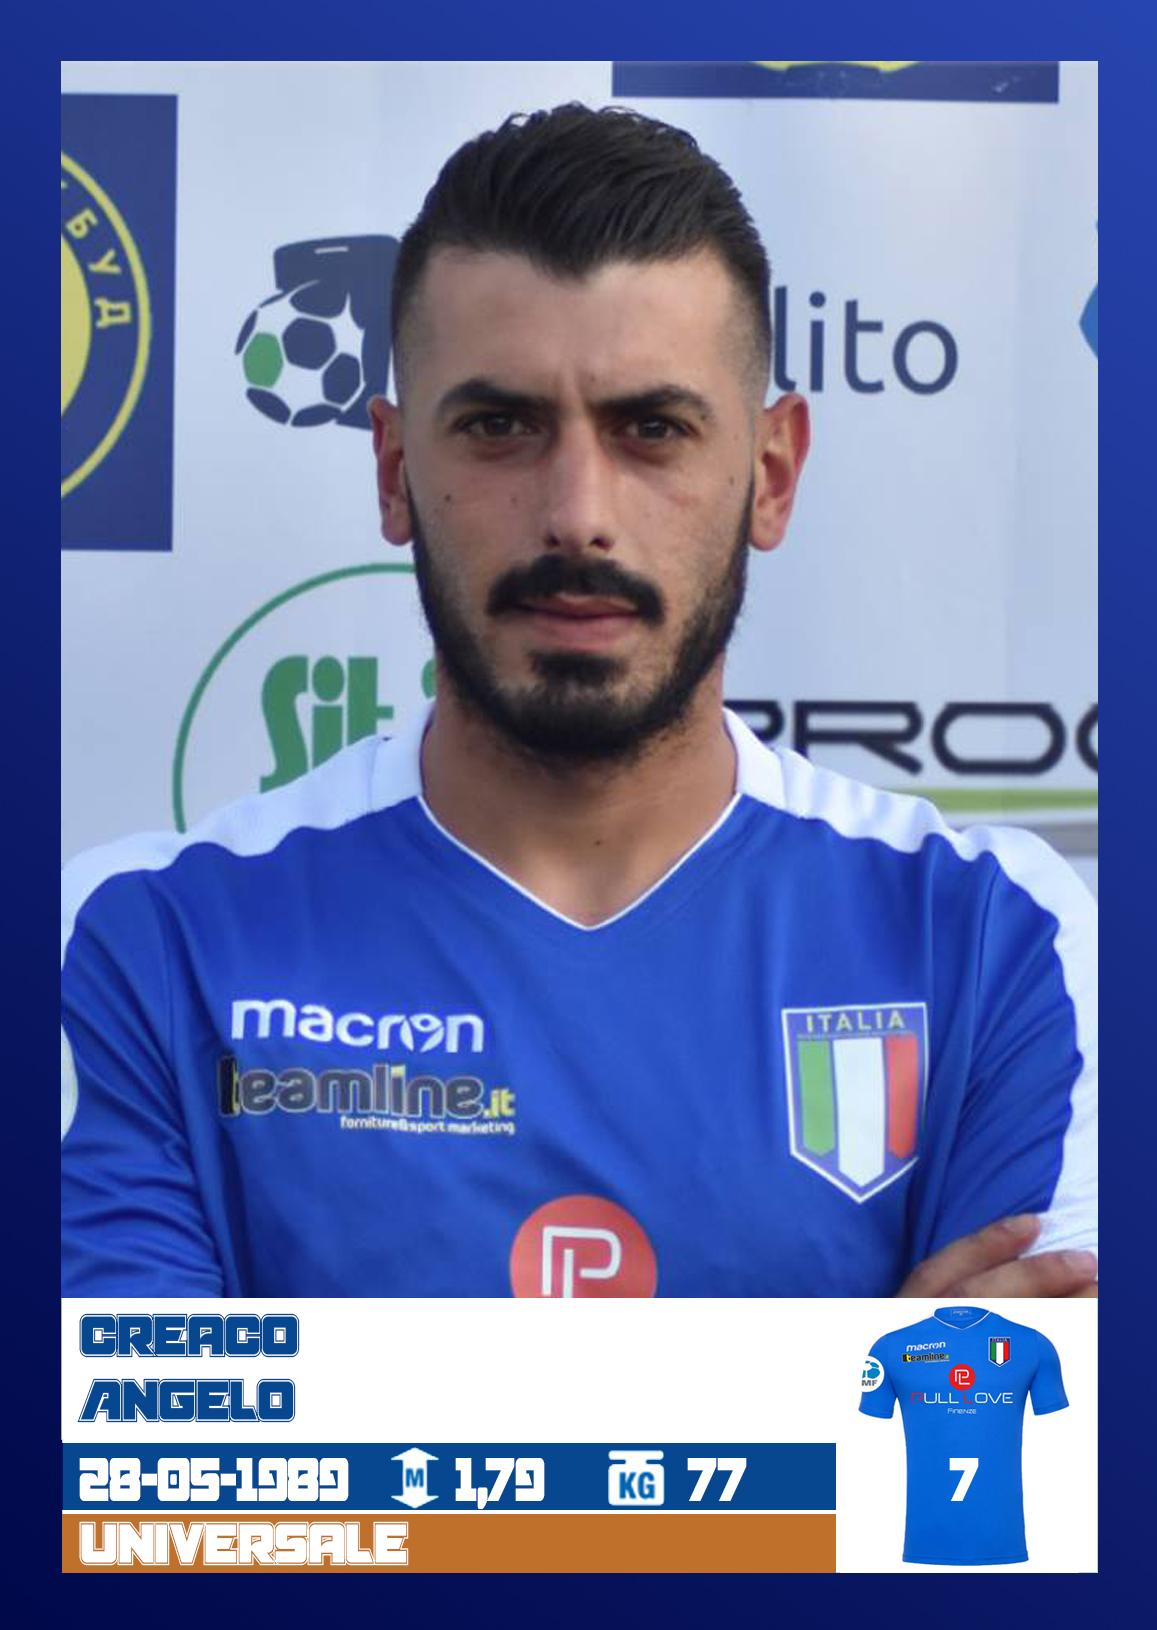 Angelo Creaco